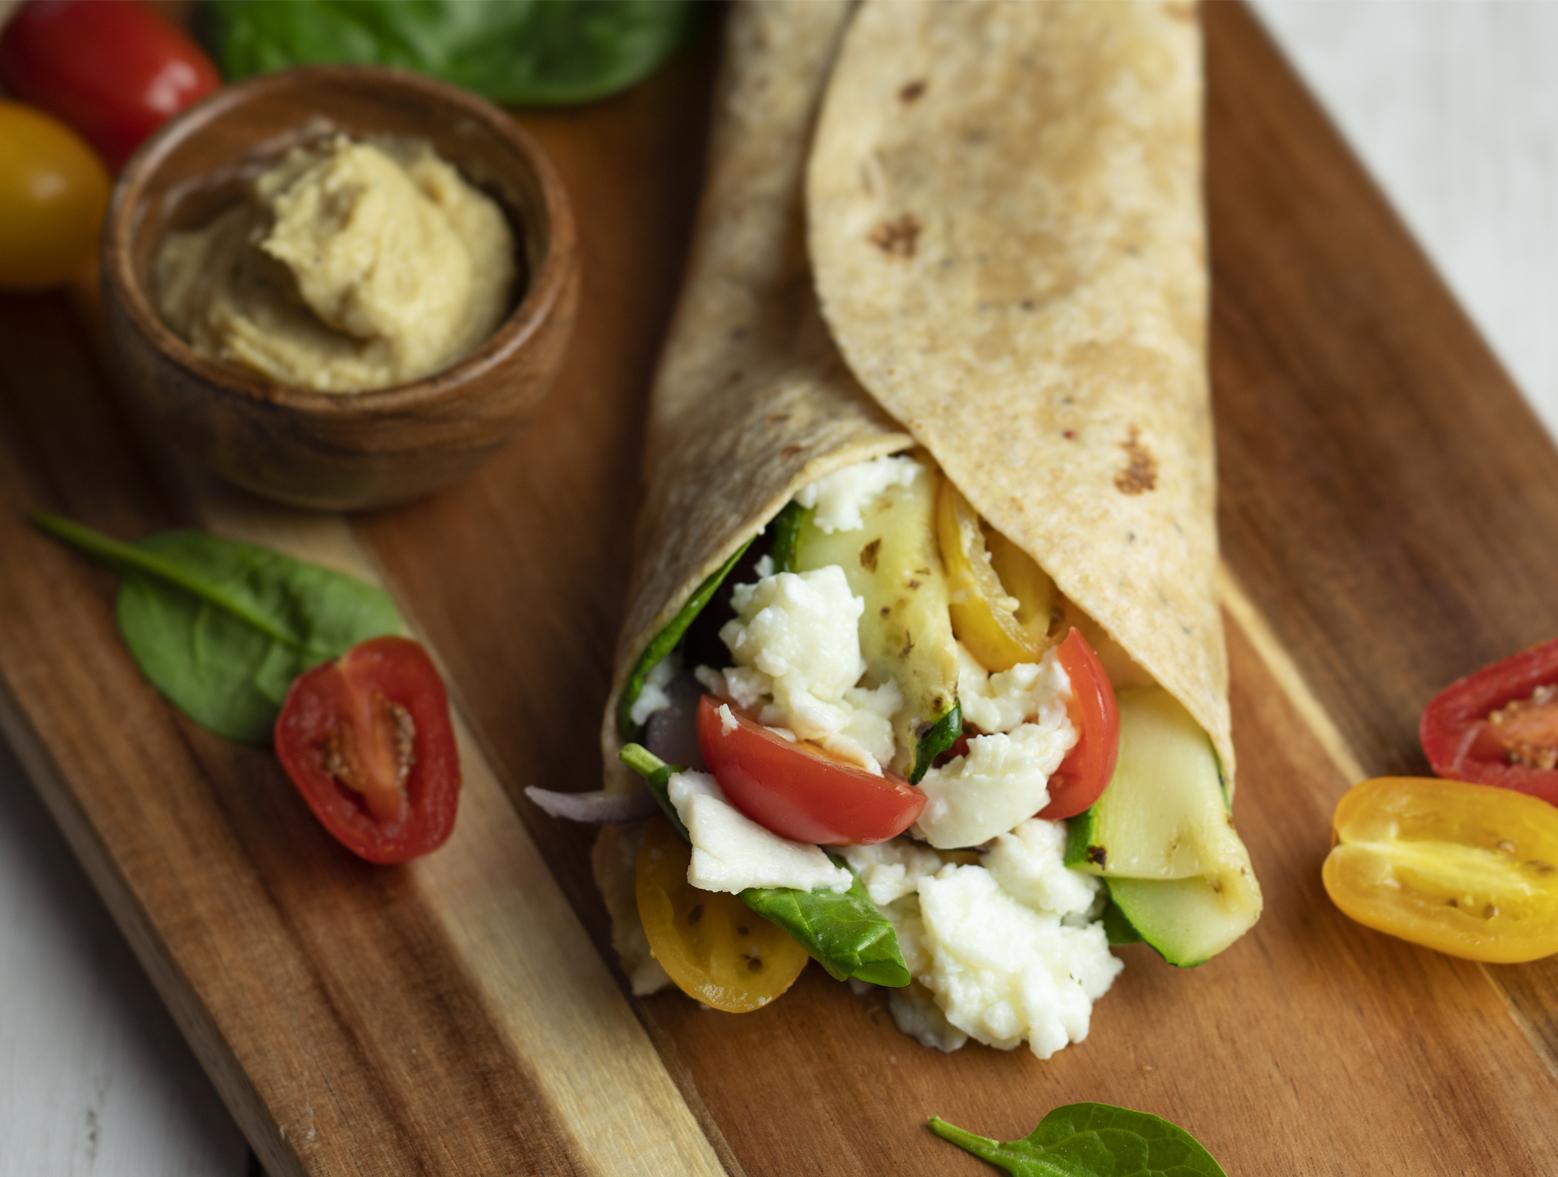 photo of prepared Spinach, Egg White & Zucchini Lunch Wraps recipe